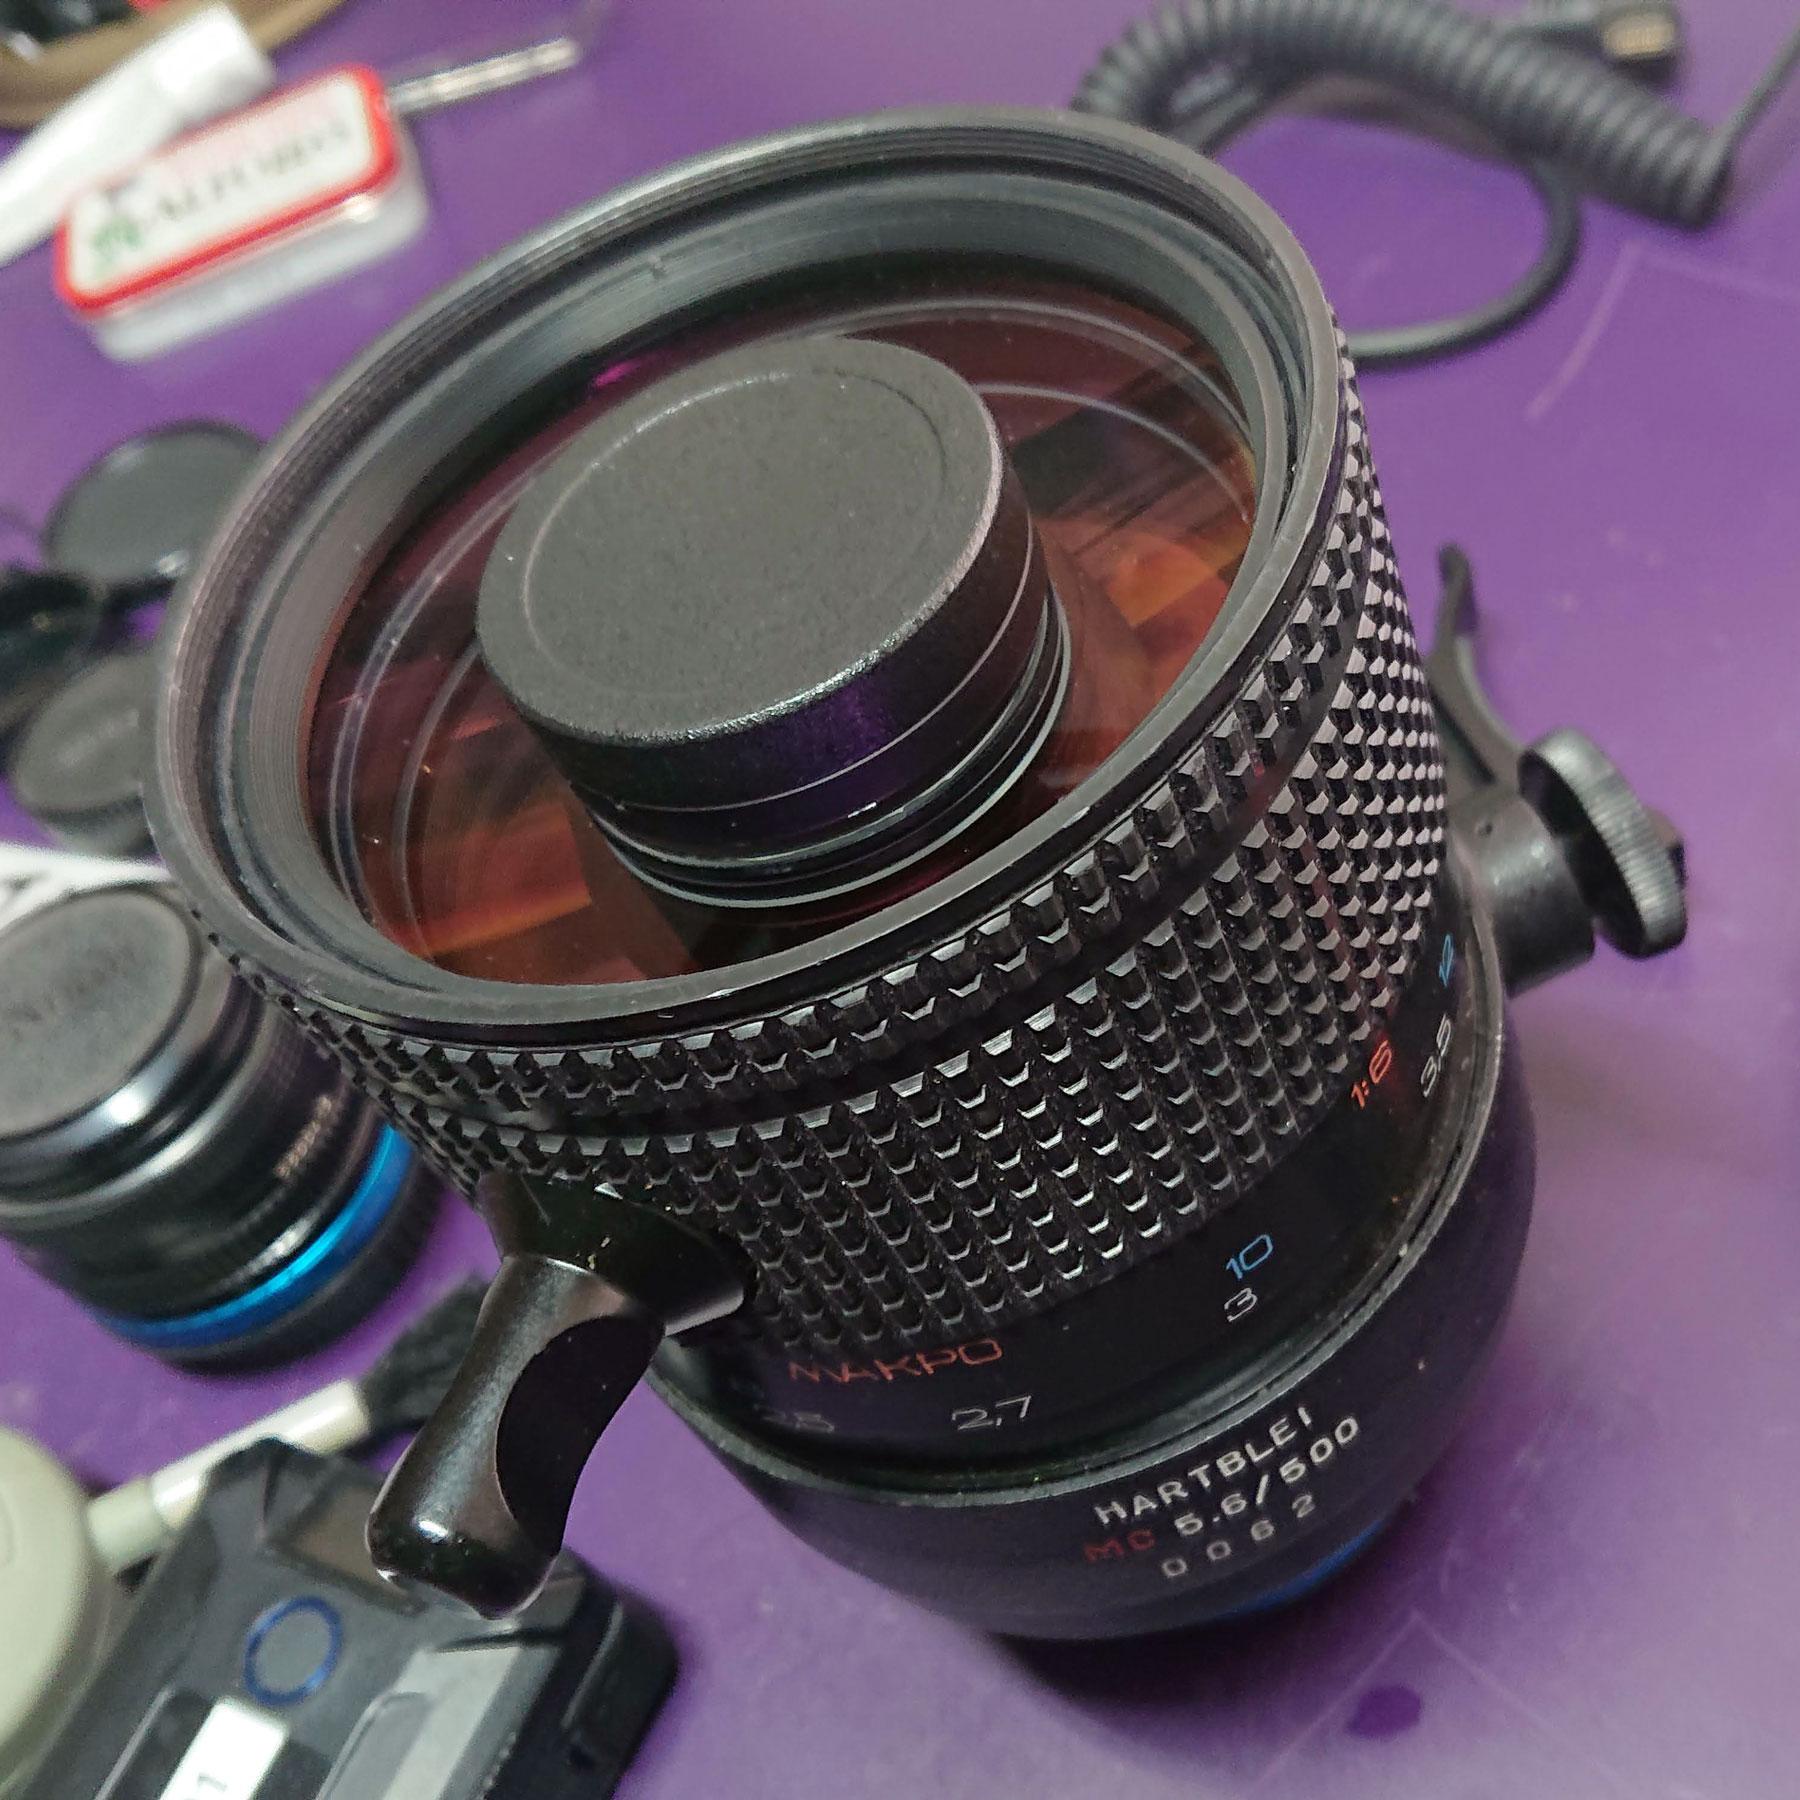 Hartblei 500mm